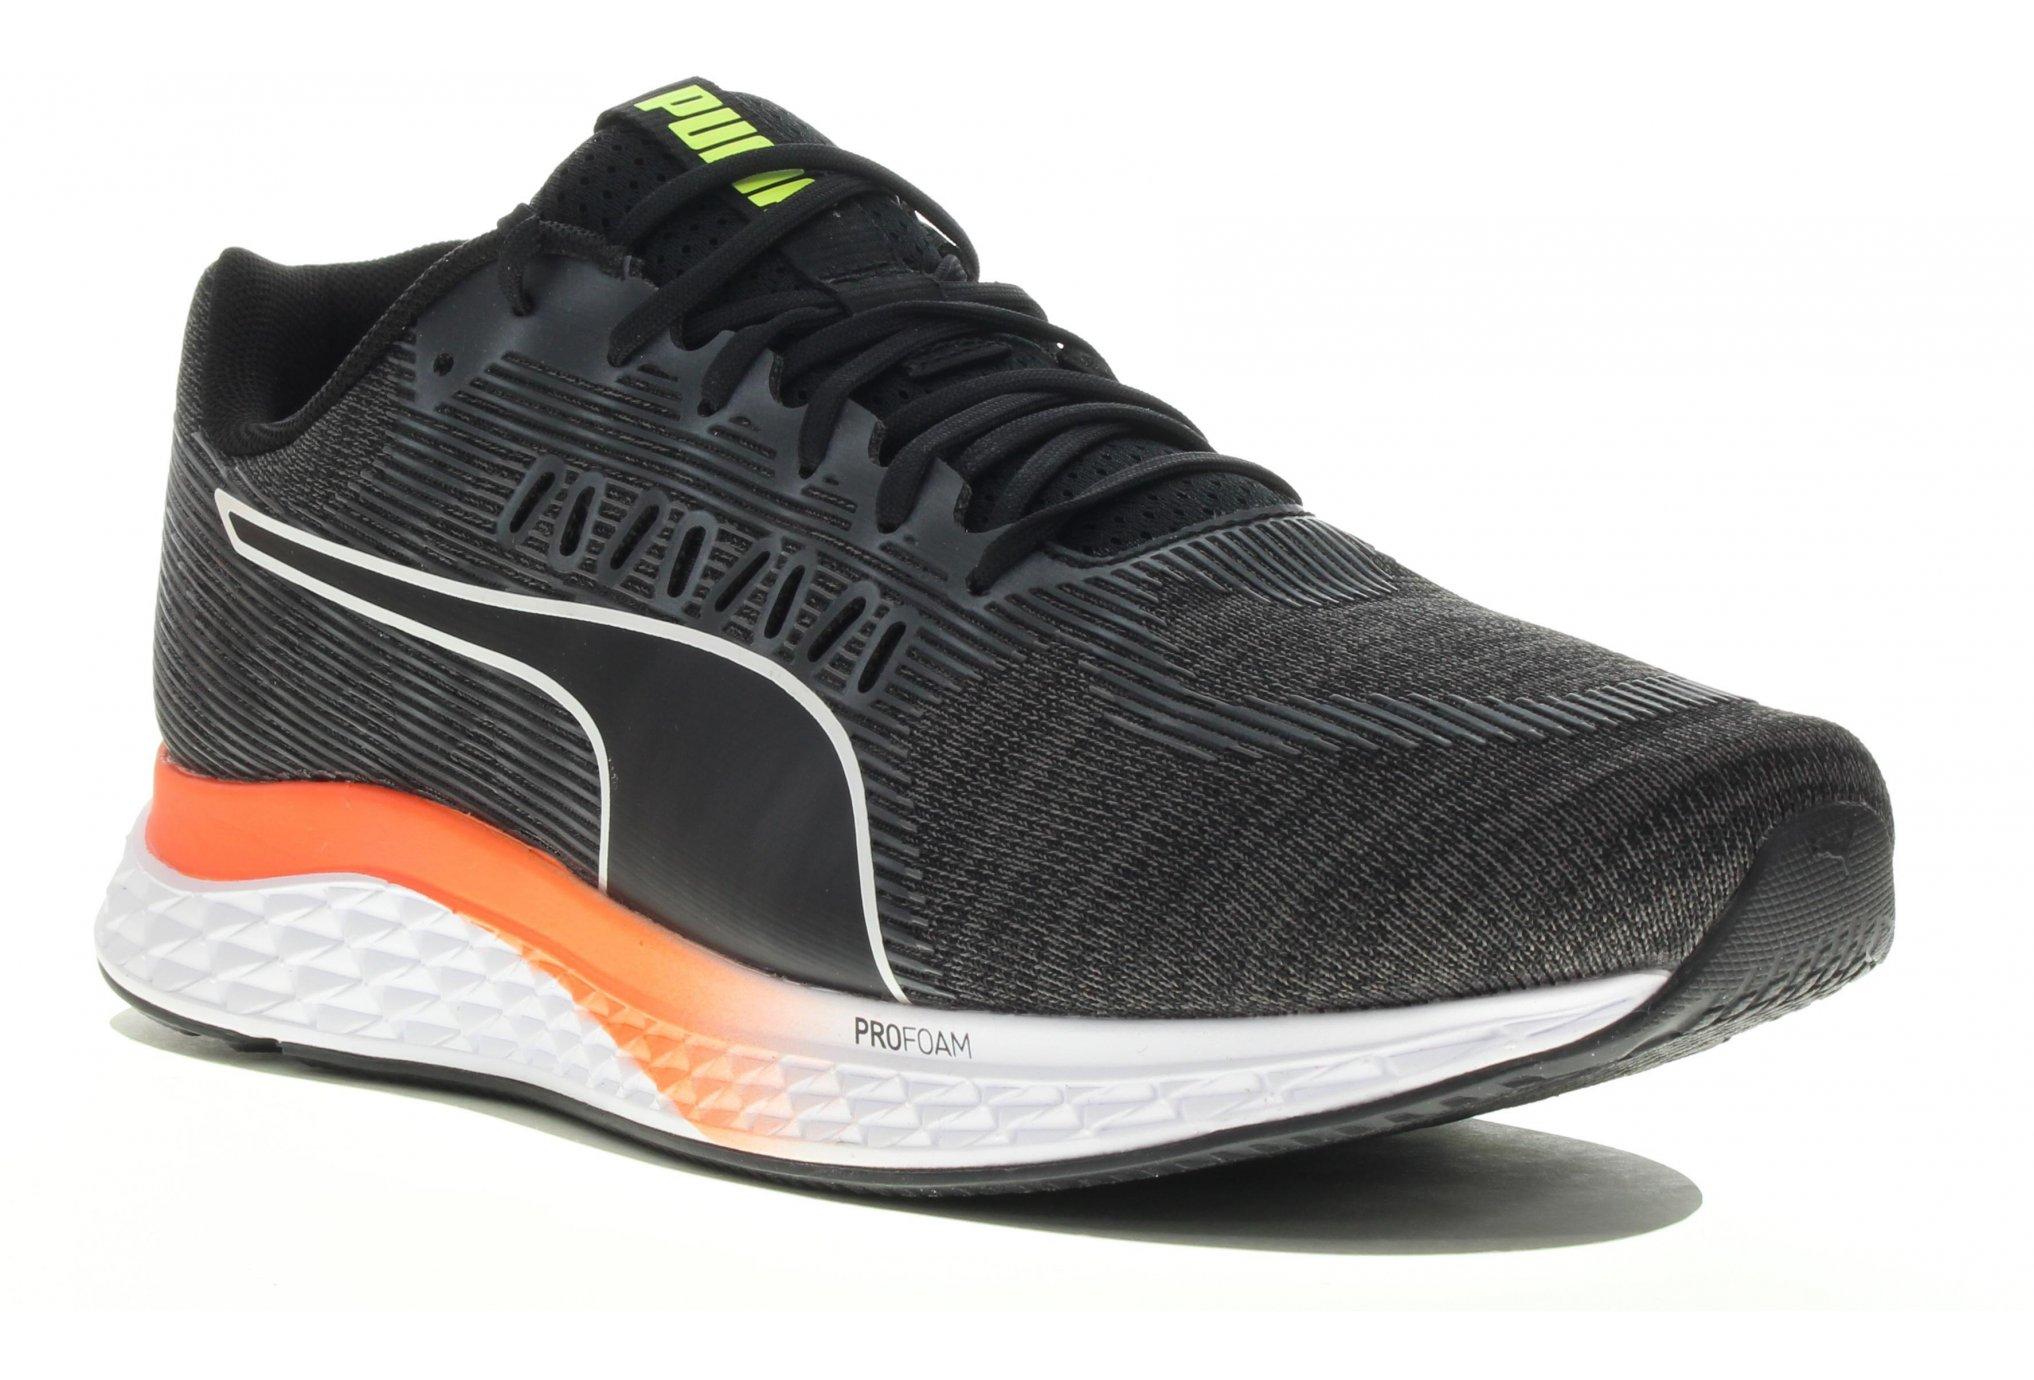 Puma Speed Sutamina M Chaussures homme